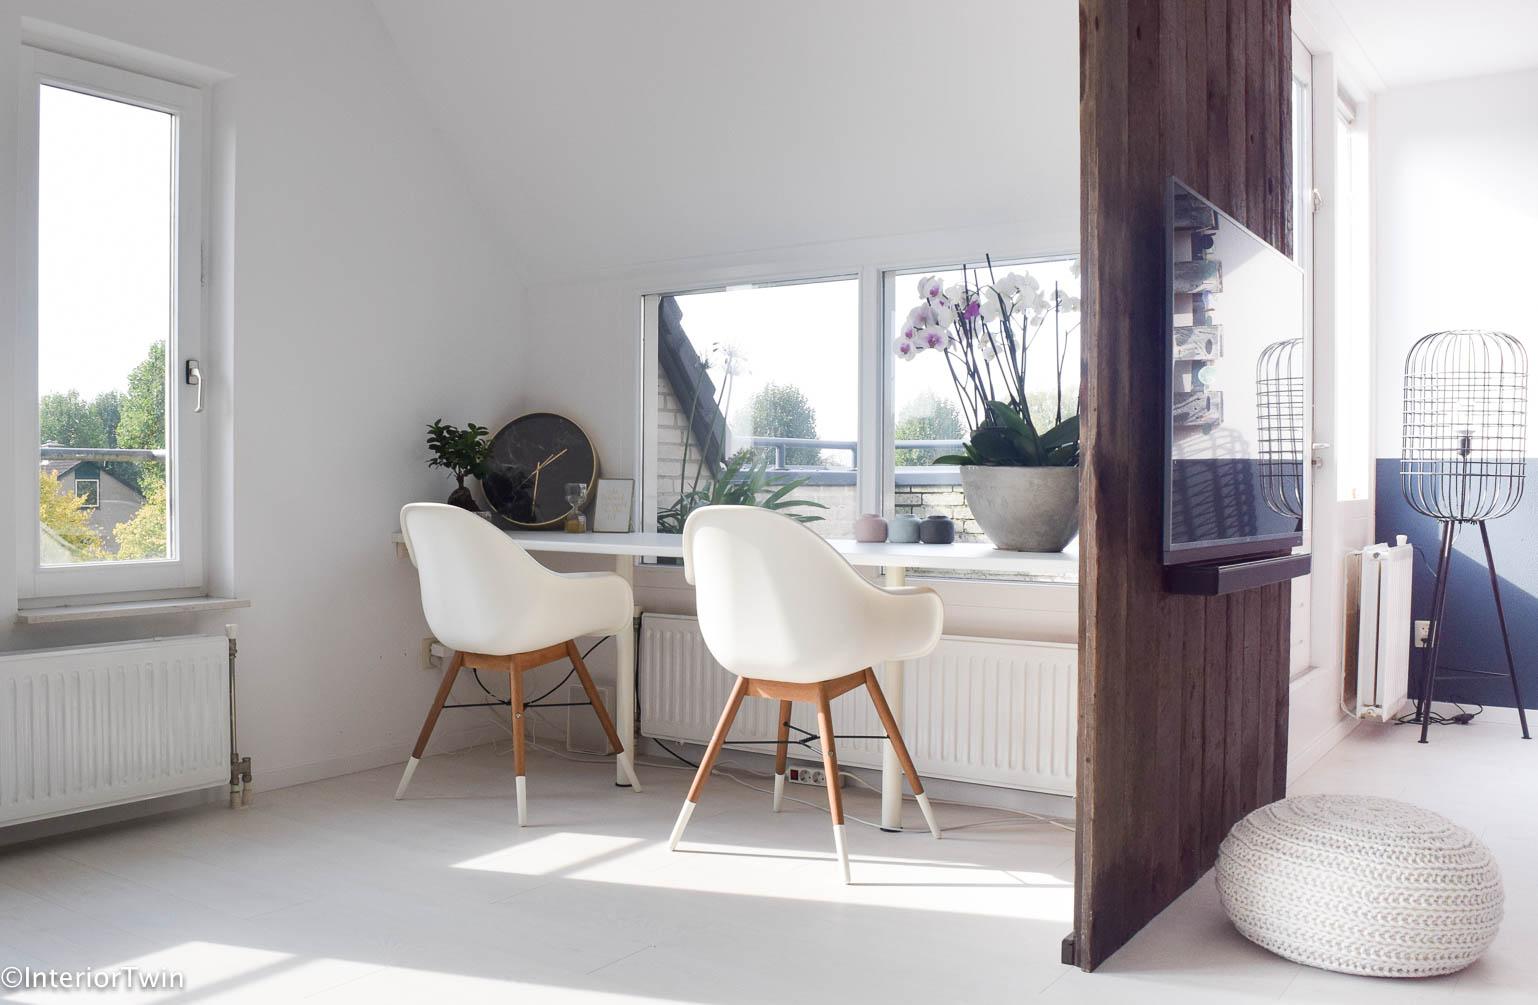 werkplek in de woonkamer - InteriorTwin